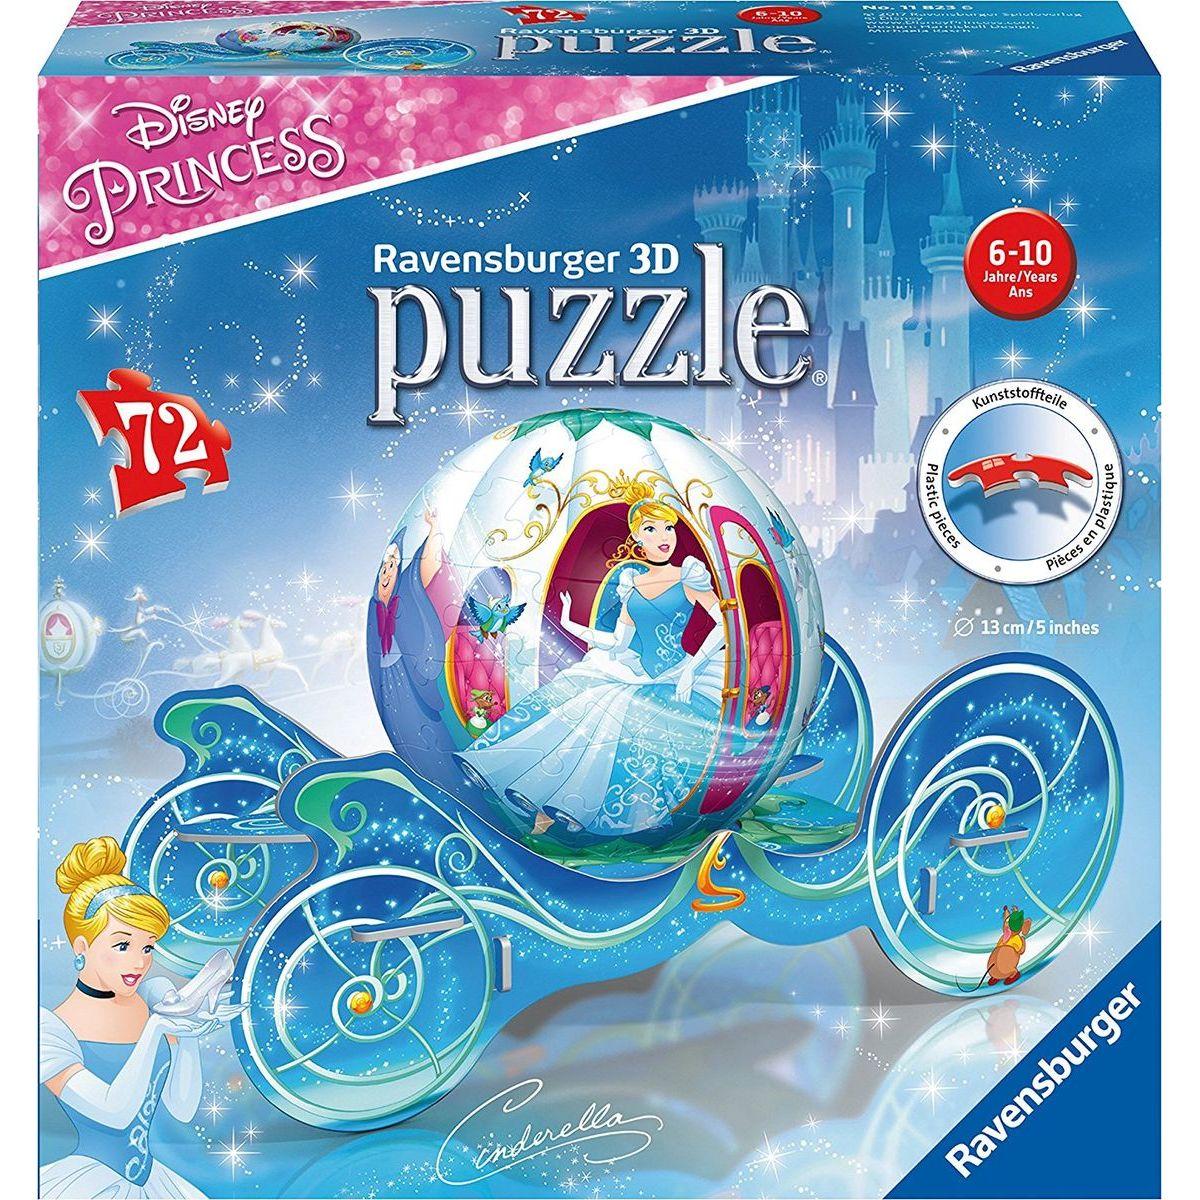 Ravensburger 3D puzzleball Popelčin kočár 72 dílků